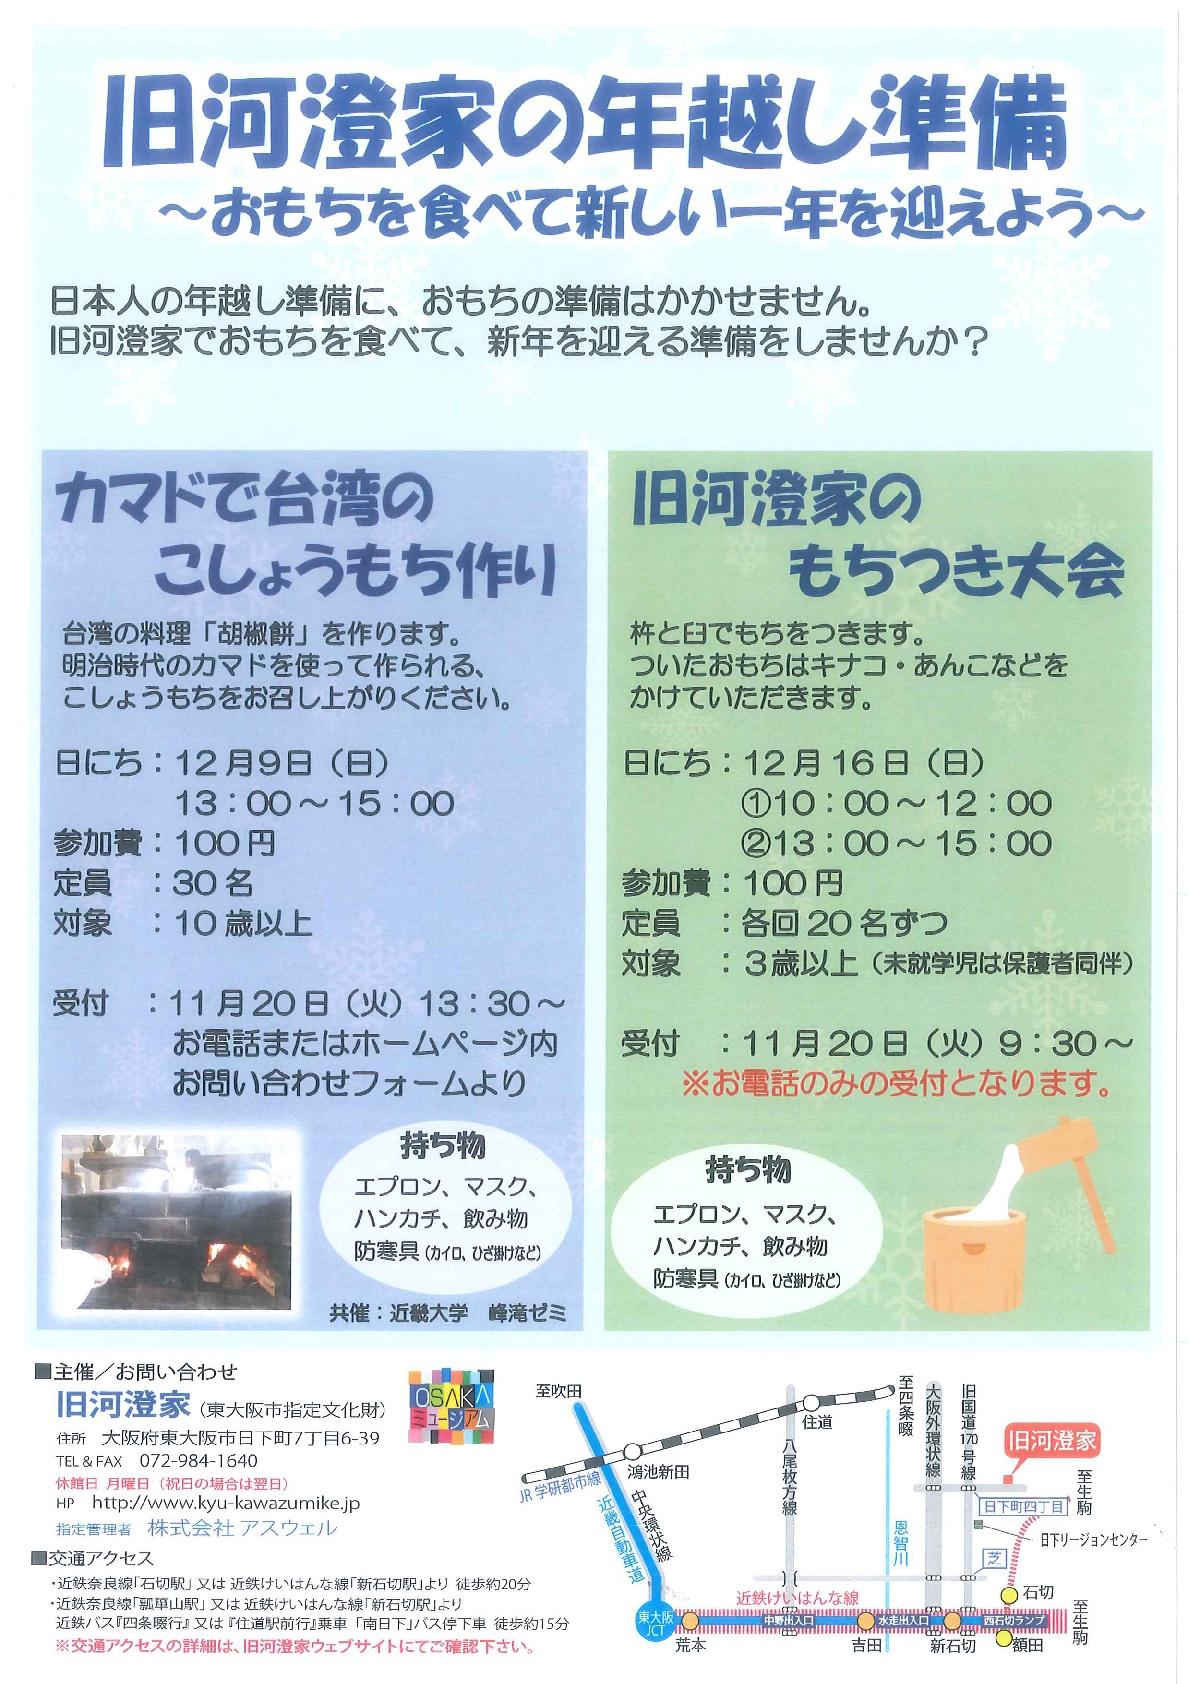 「カマドで台湾のこしょうもち作り」12月9日(日)